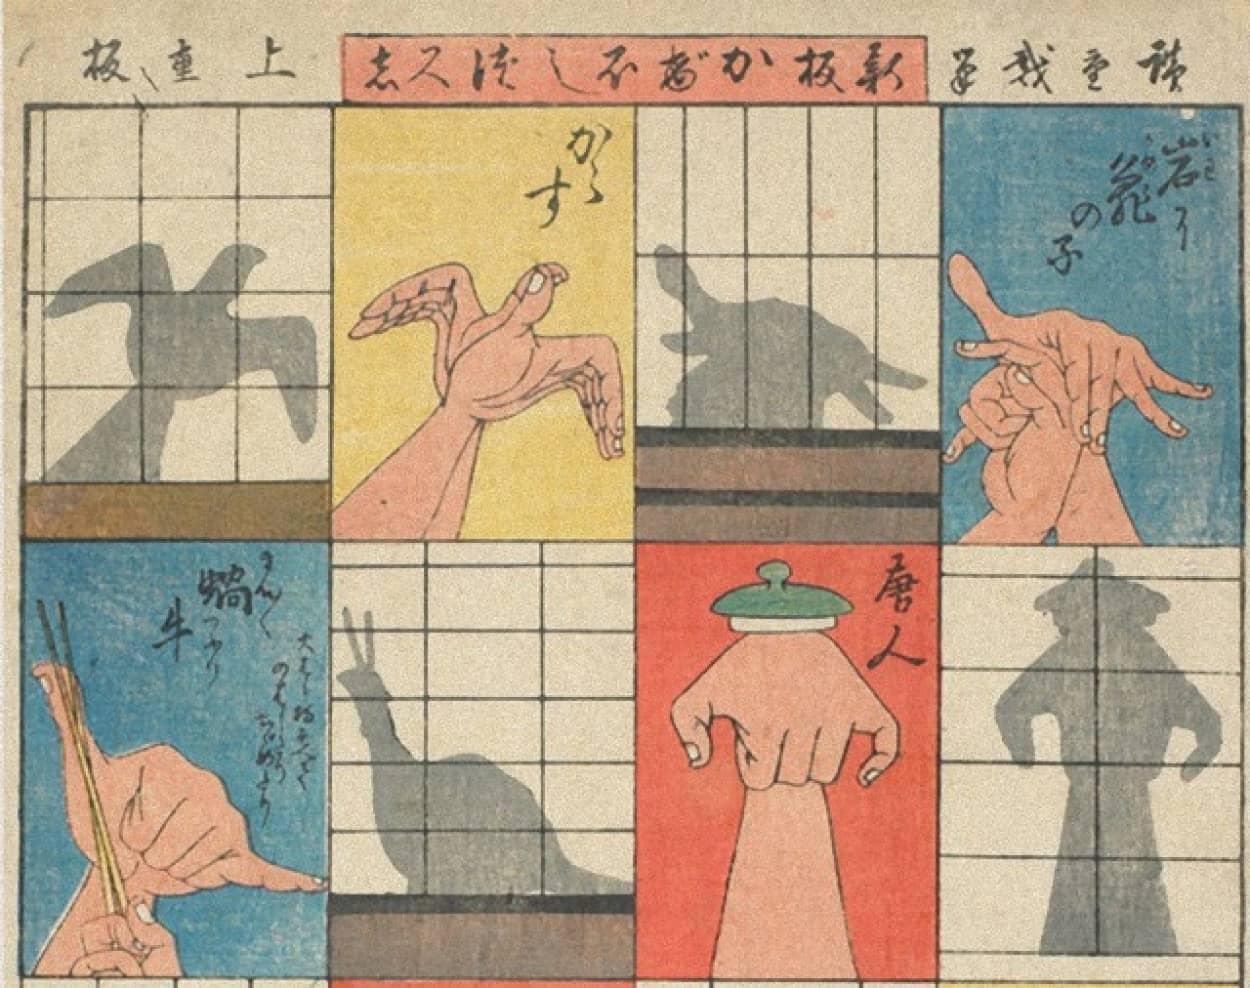 歌川広重の木版画が無料ダウンロード公開